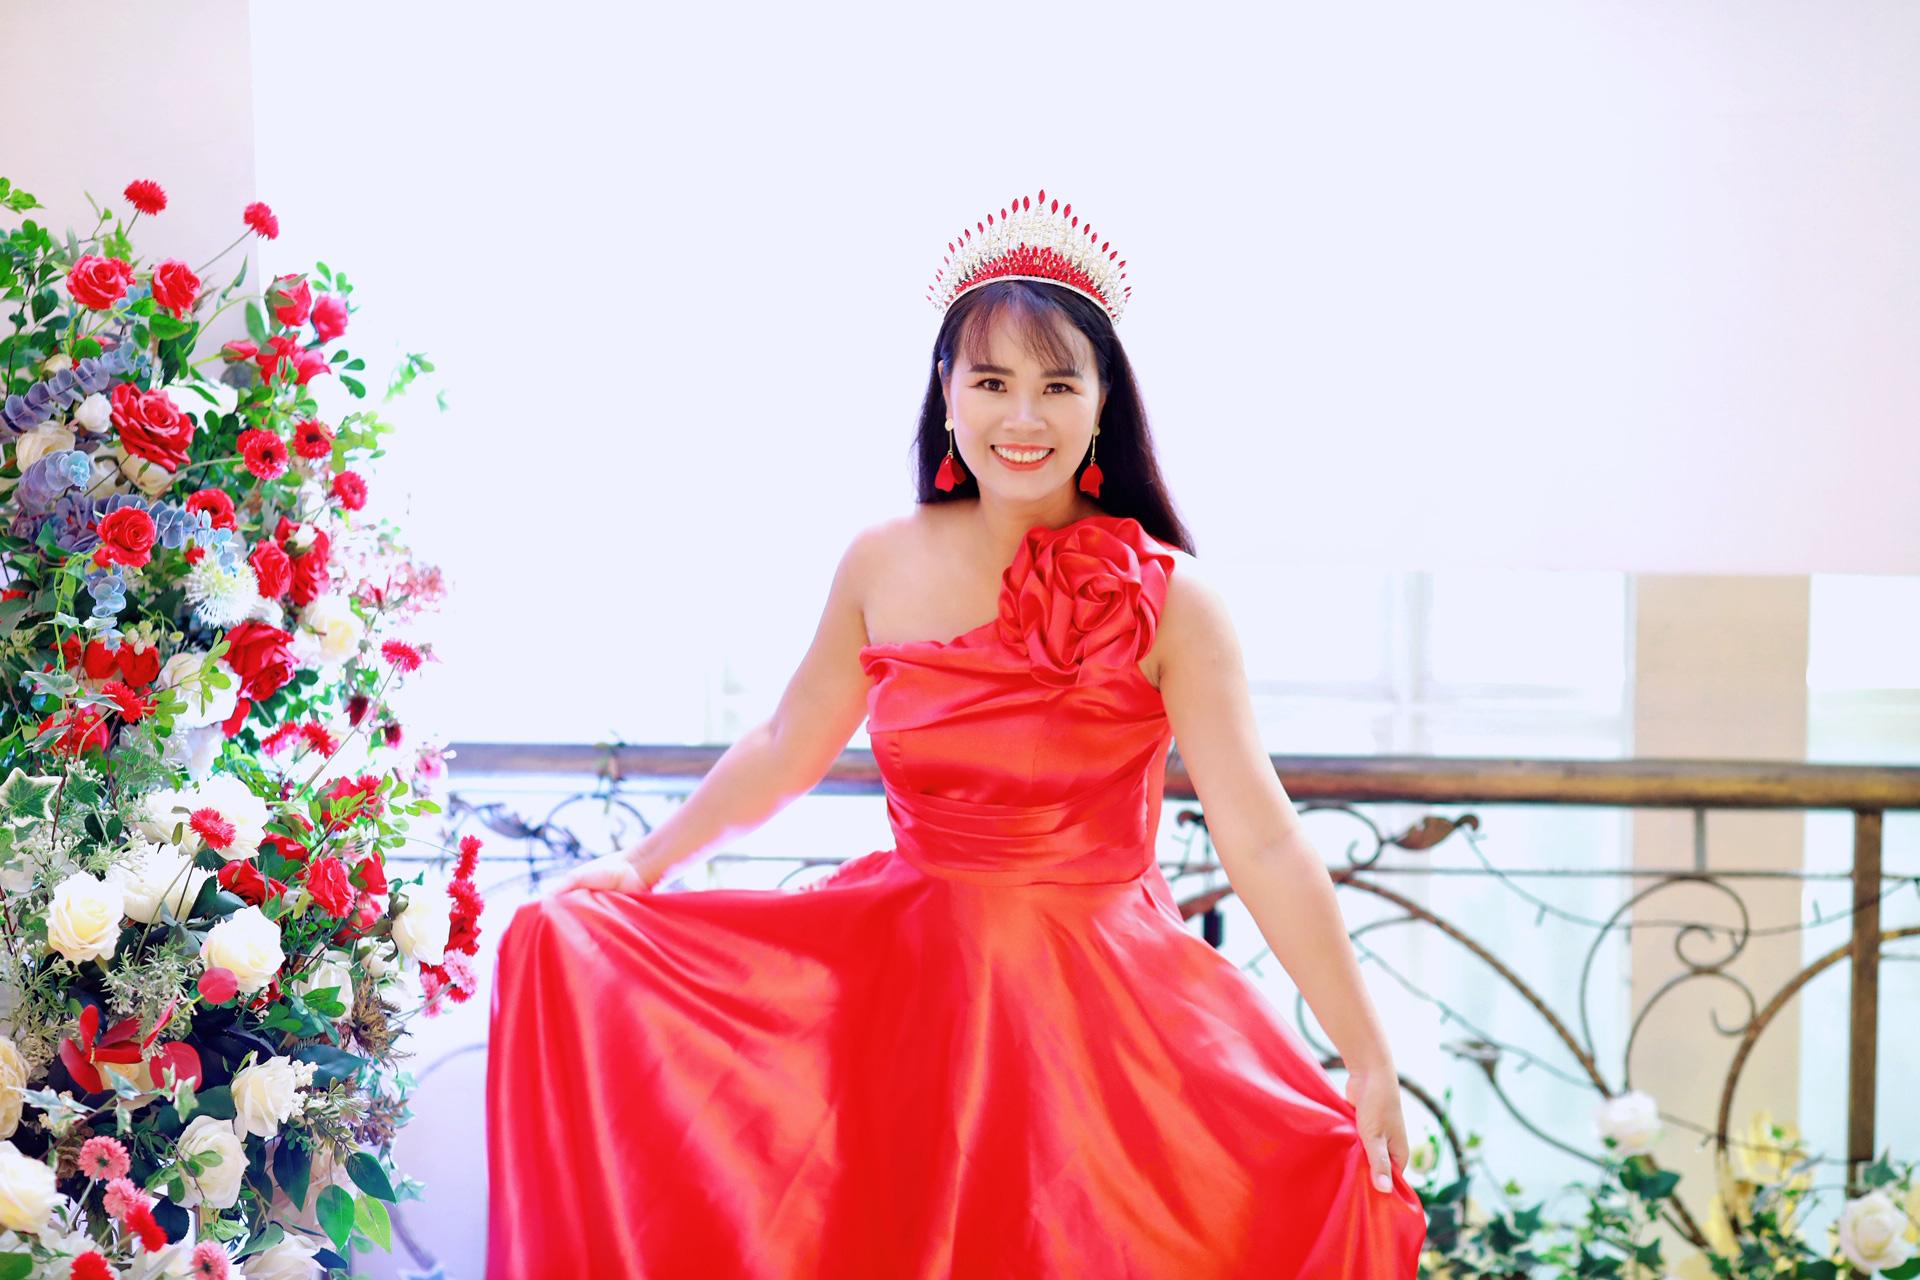 Nhà thơ Phạm Thị Ngọc Thanh làm thơ tặng phụ nữ nhân dịp 20/10 - Ảnh 5.